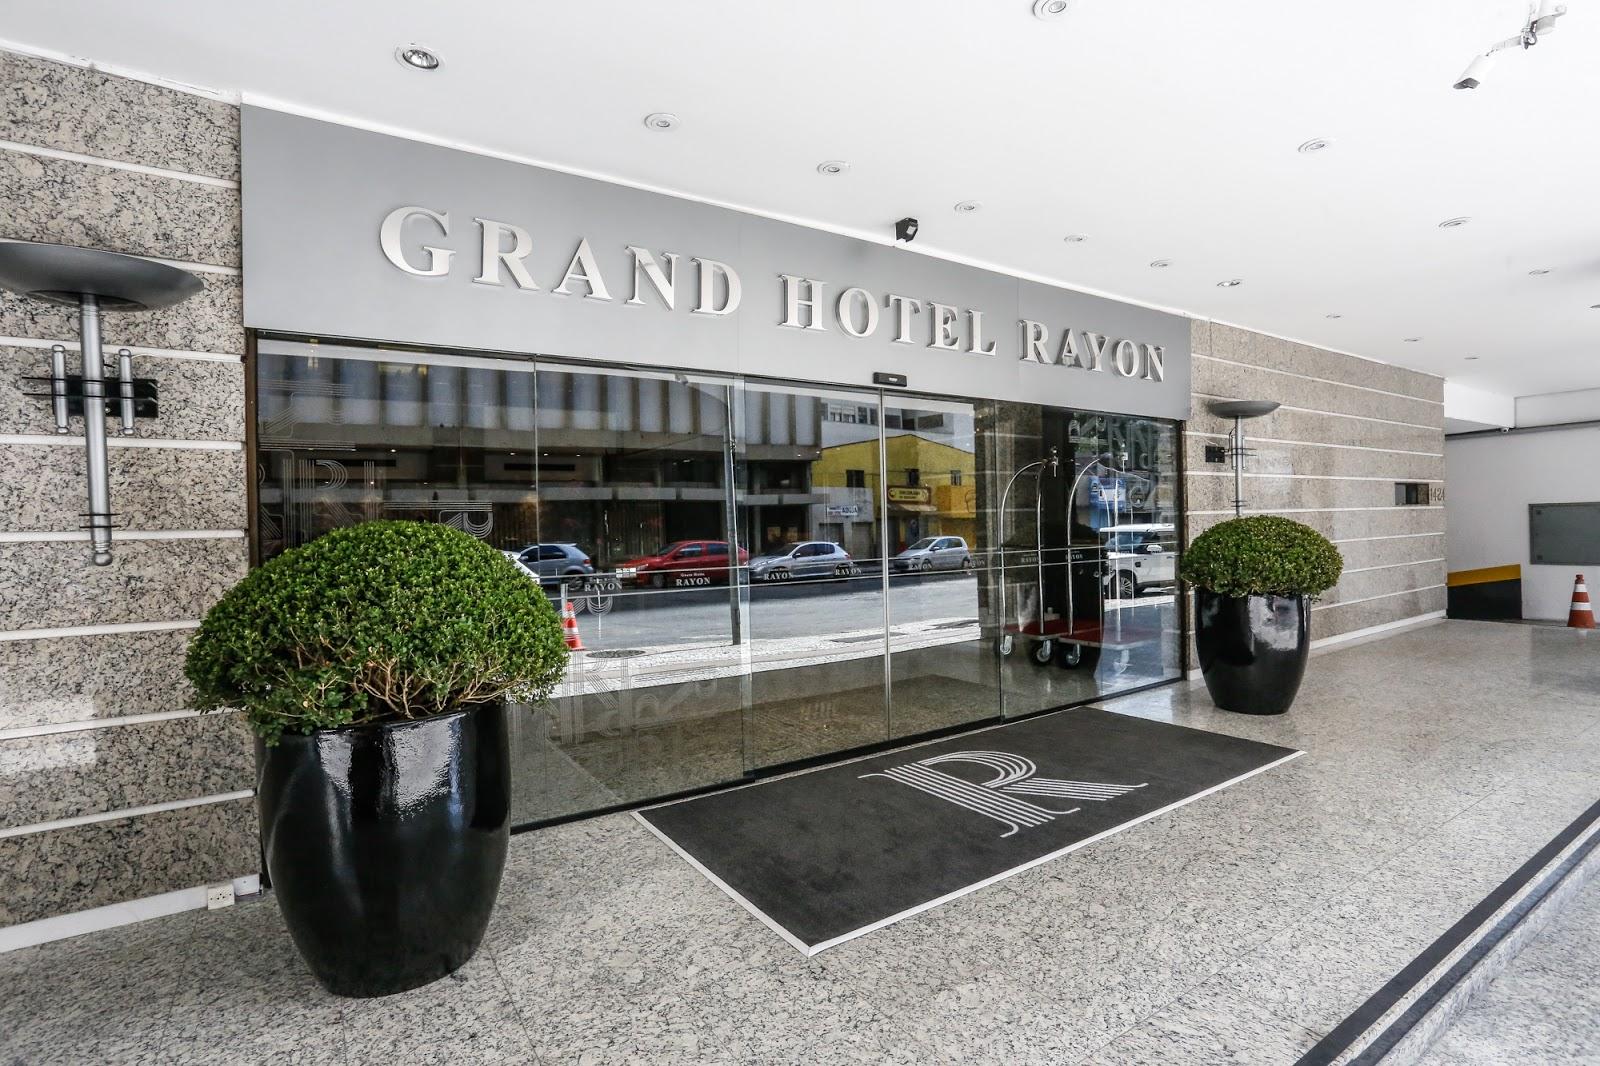 Grand Hotel Rayon reinaugura após investimento de R$6 milhões